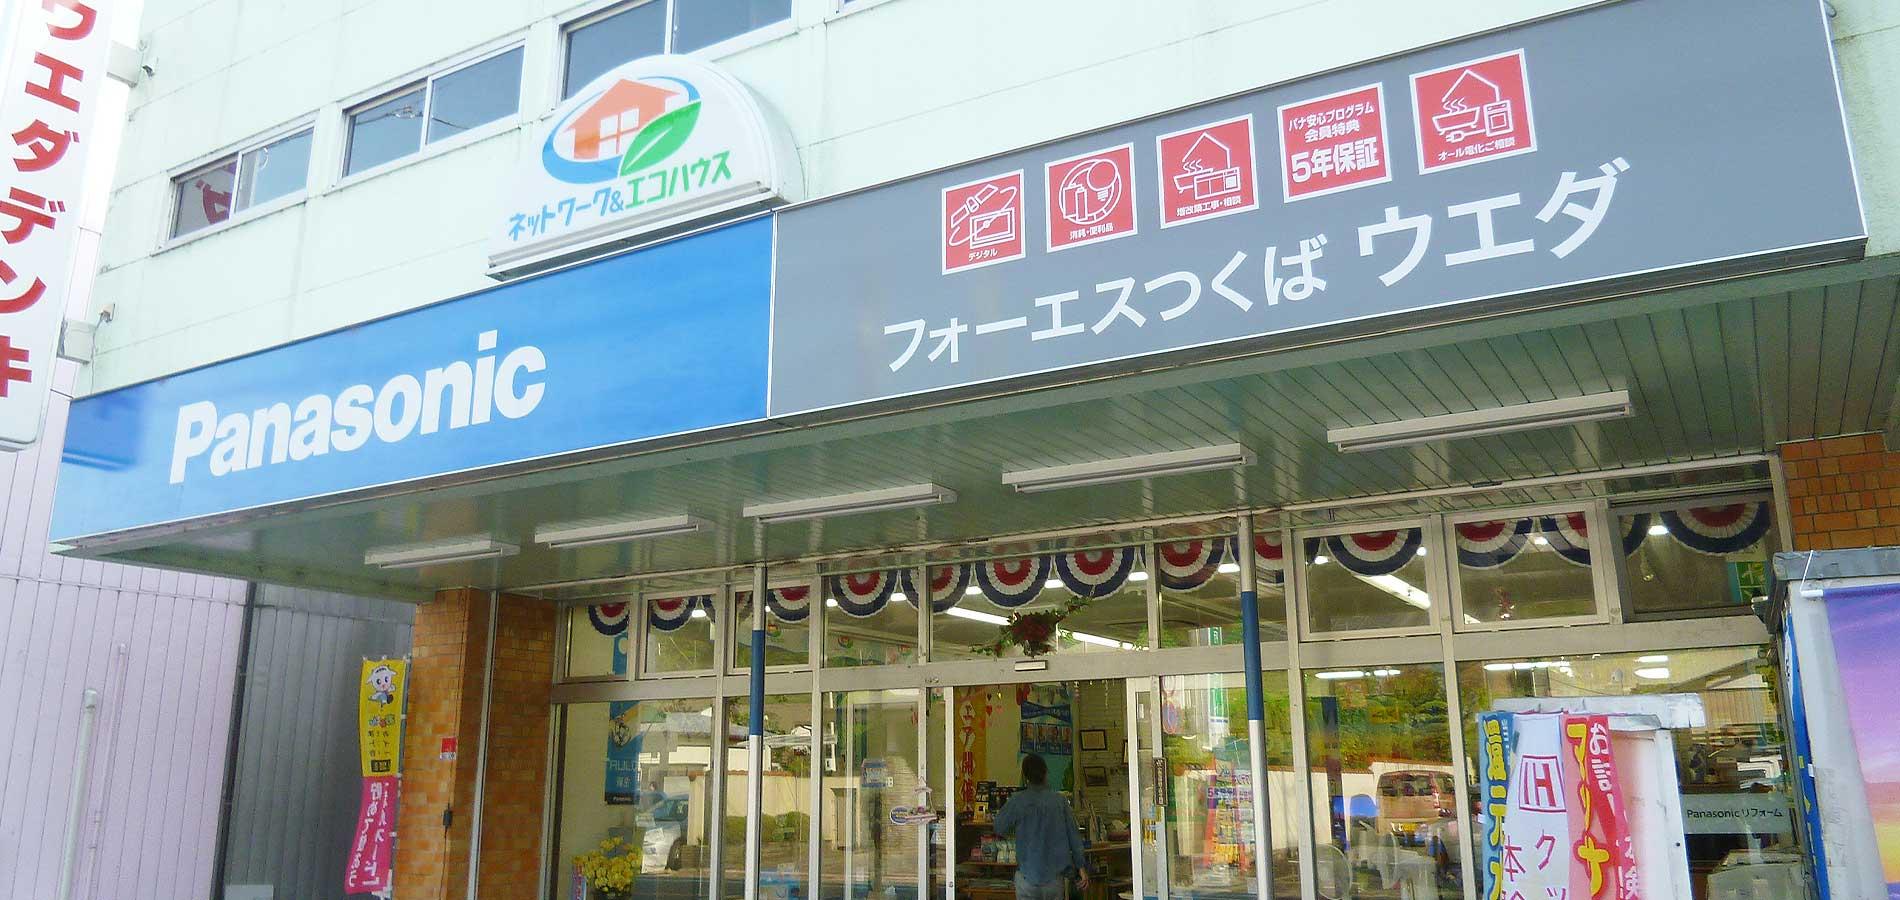 昭和30年に創業しました小美玉市にある「街の電気屋」です。